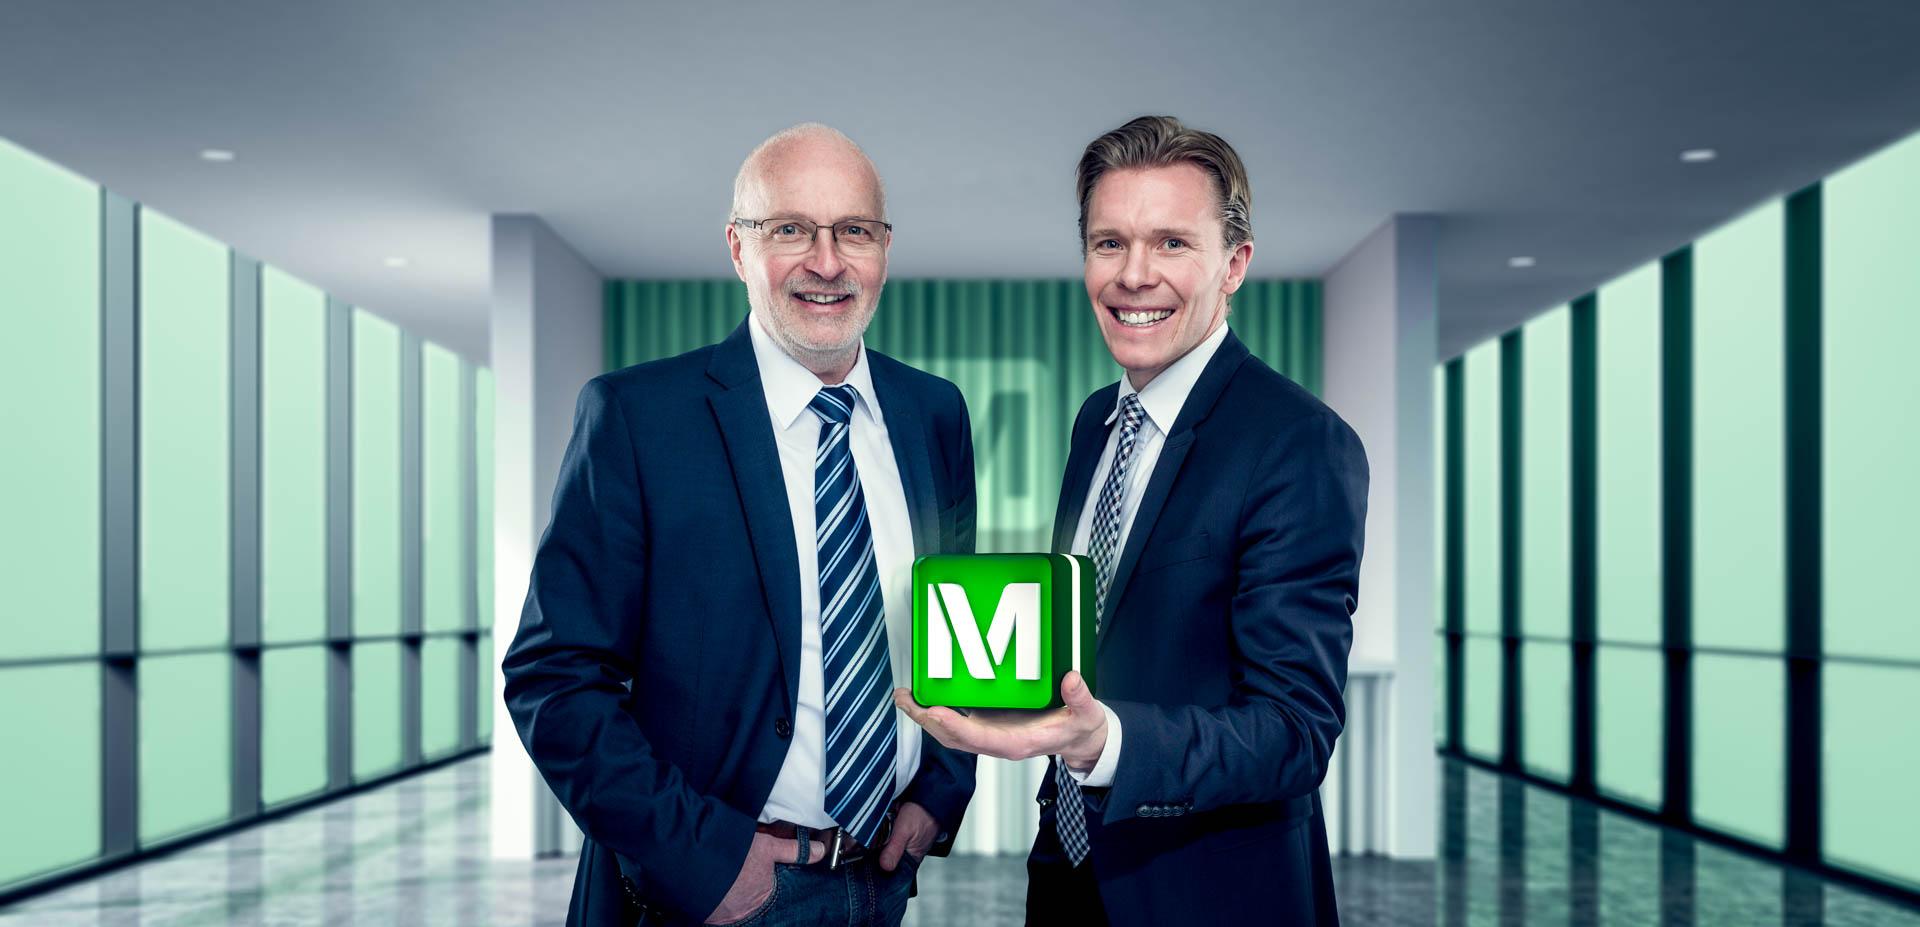 Murrmann GmbH